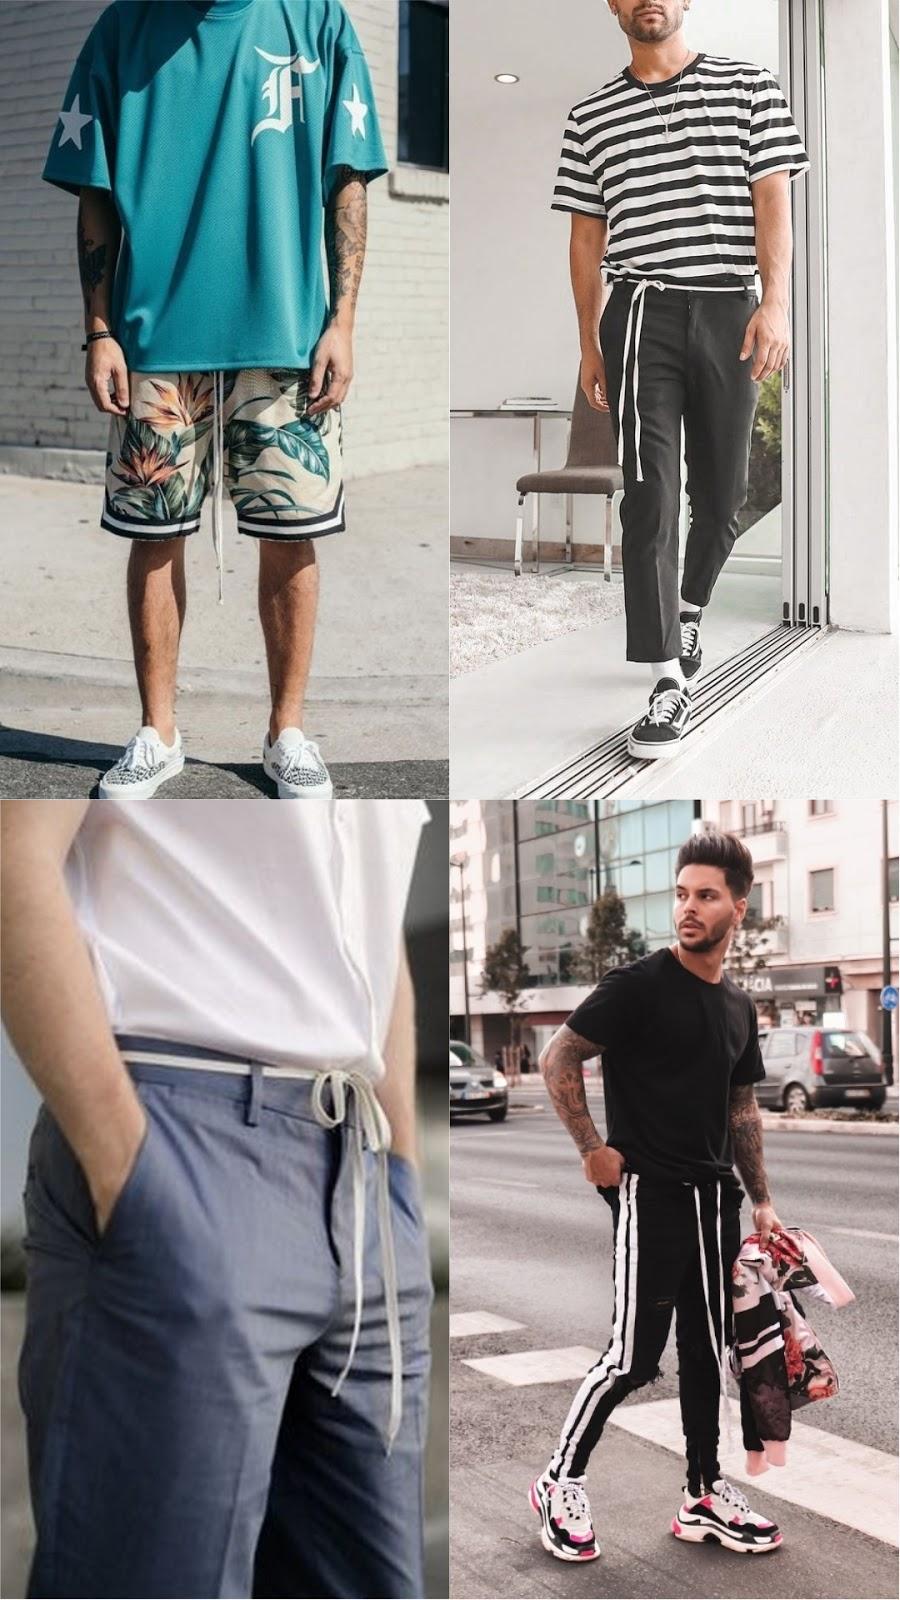 tendencias-moda-masculina-primavera-verao-2019-blog-tres-chic-cinto-de-cordão-cadarço